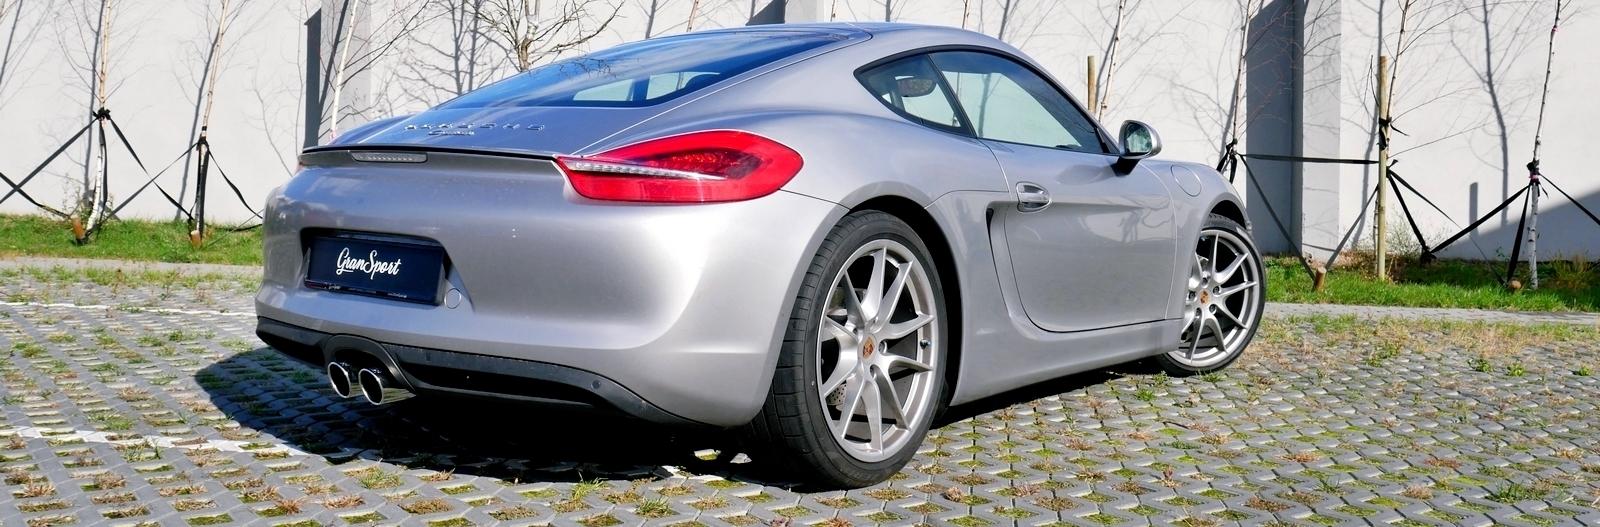 Porsche Cayman TechArt